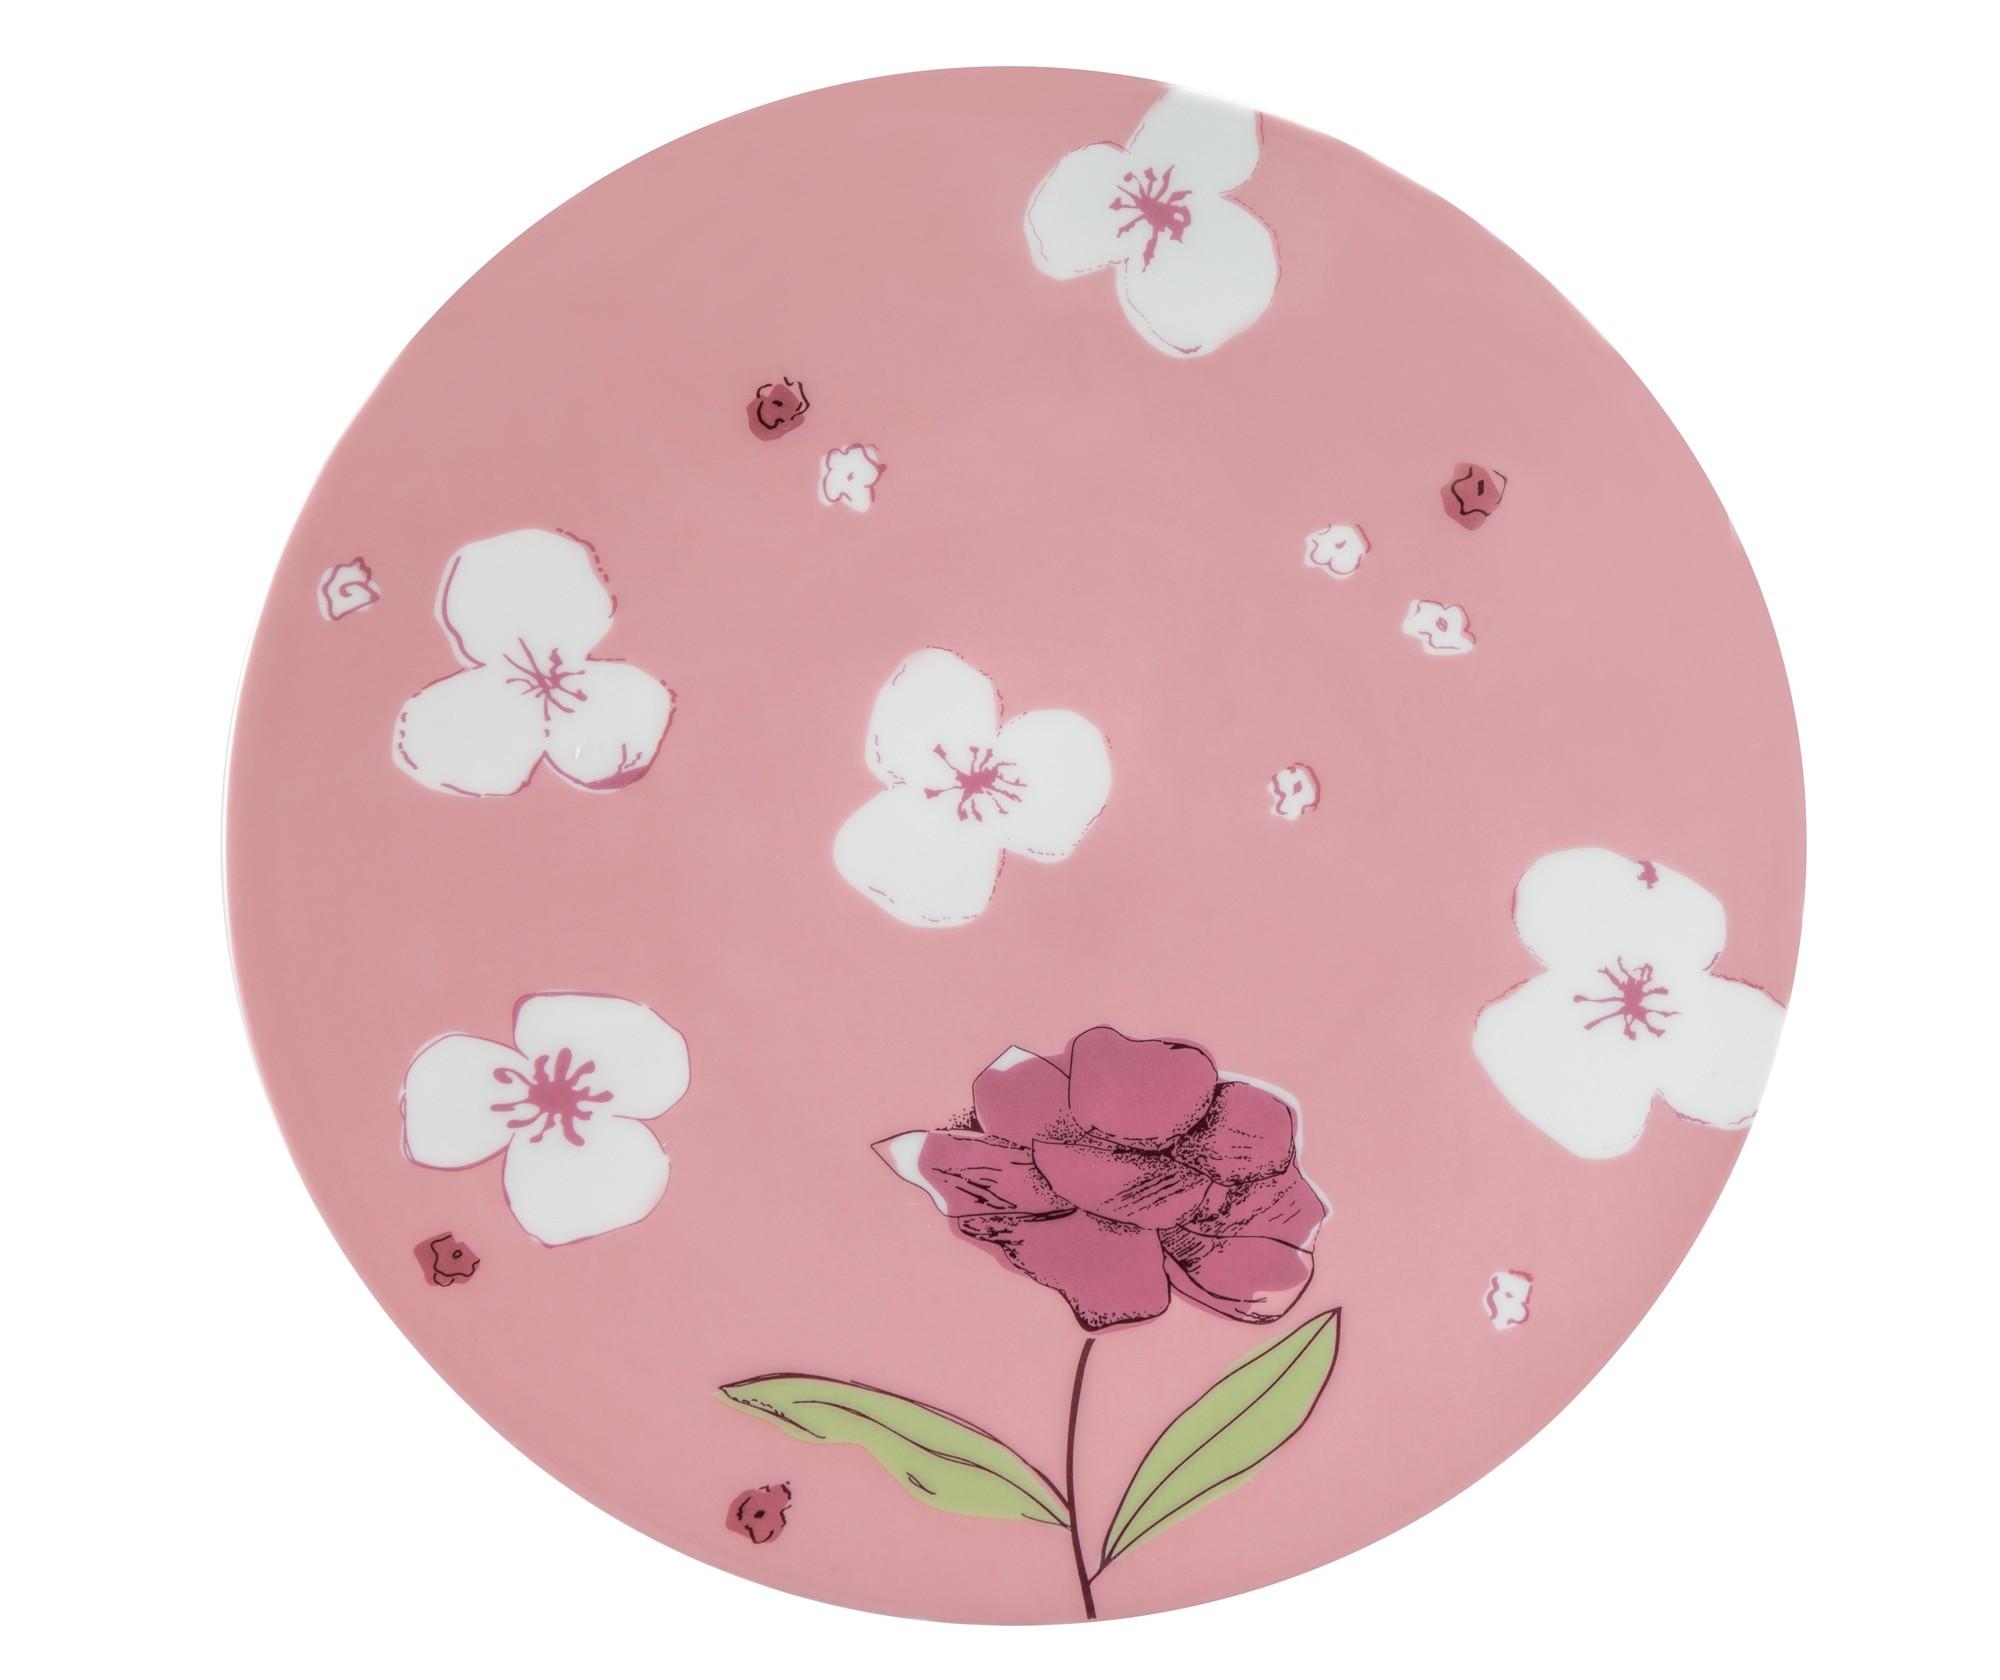 Πιάτο Ρηχό Σετ 6Τμχ Fleur Pink 28cm Ionia home   ειδη σερβιρισματος   πιάτα